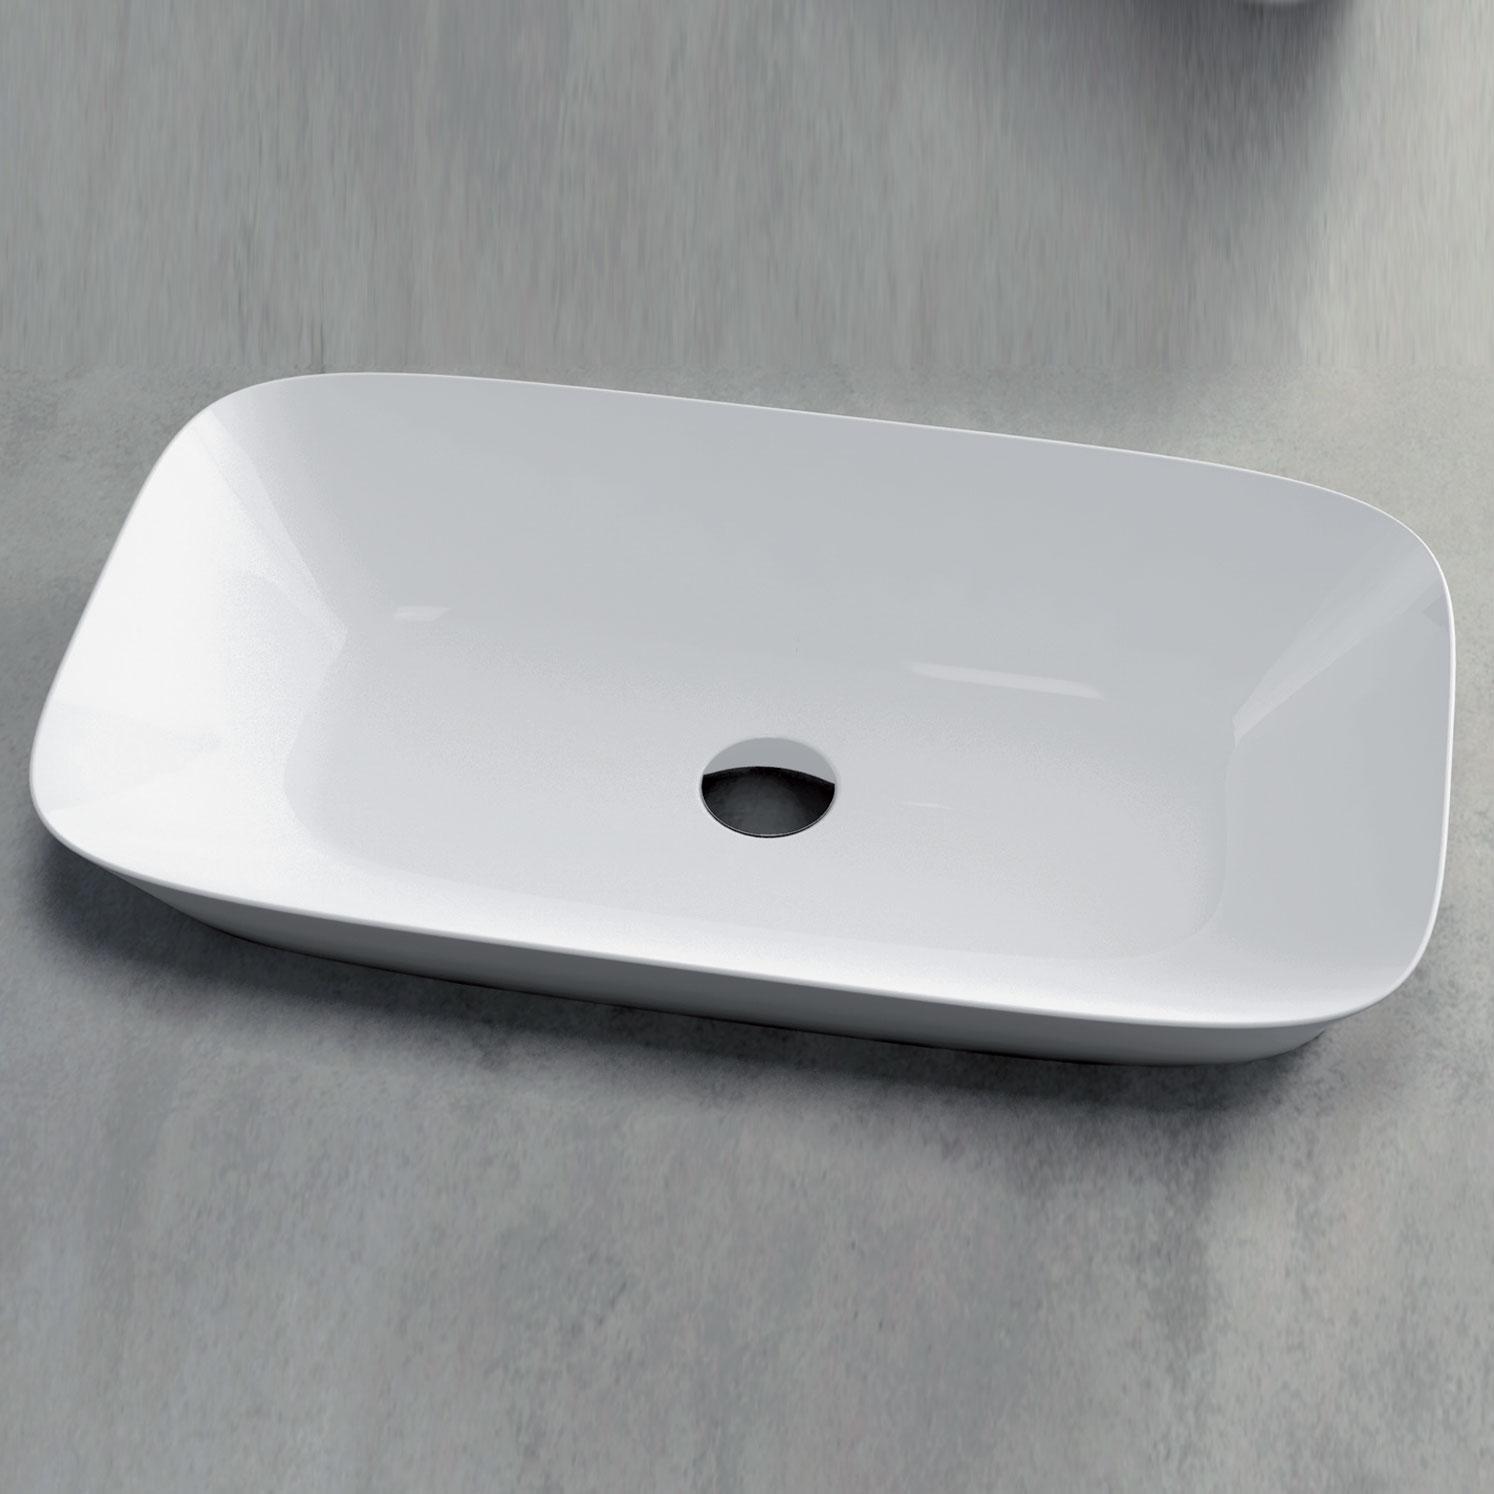 Lavabo incasso o da appoggio cm 60x40 Ceramica Azzurra Prua